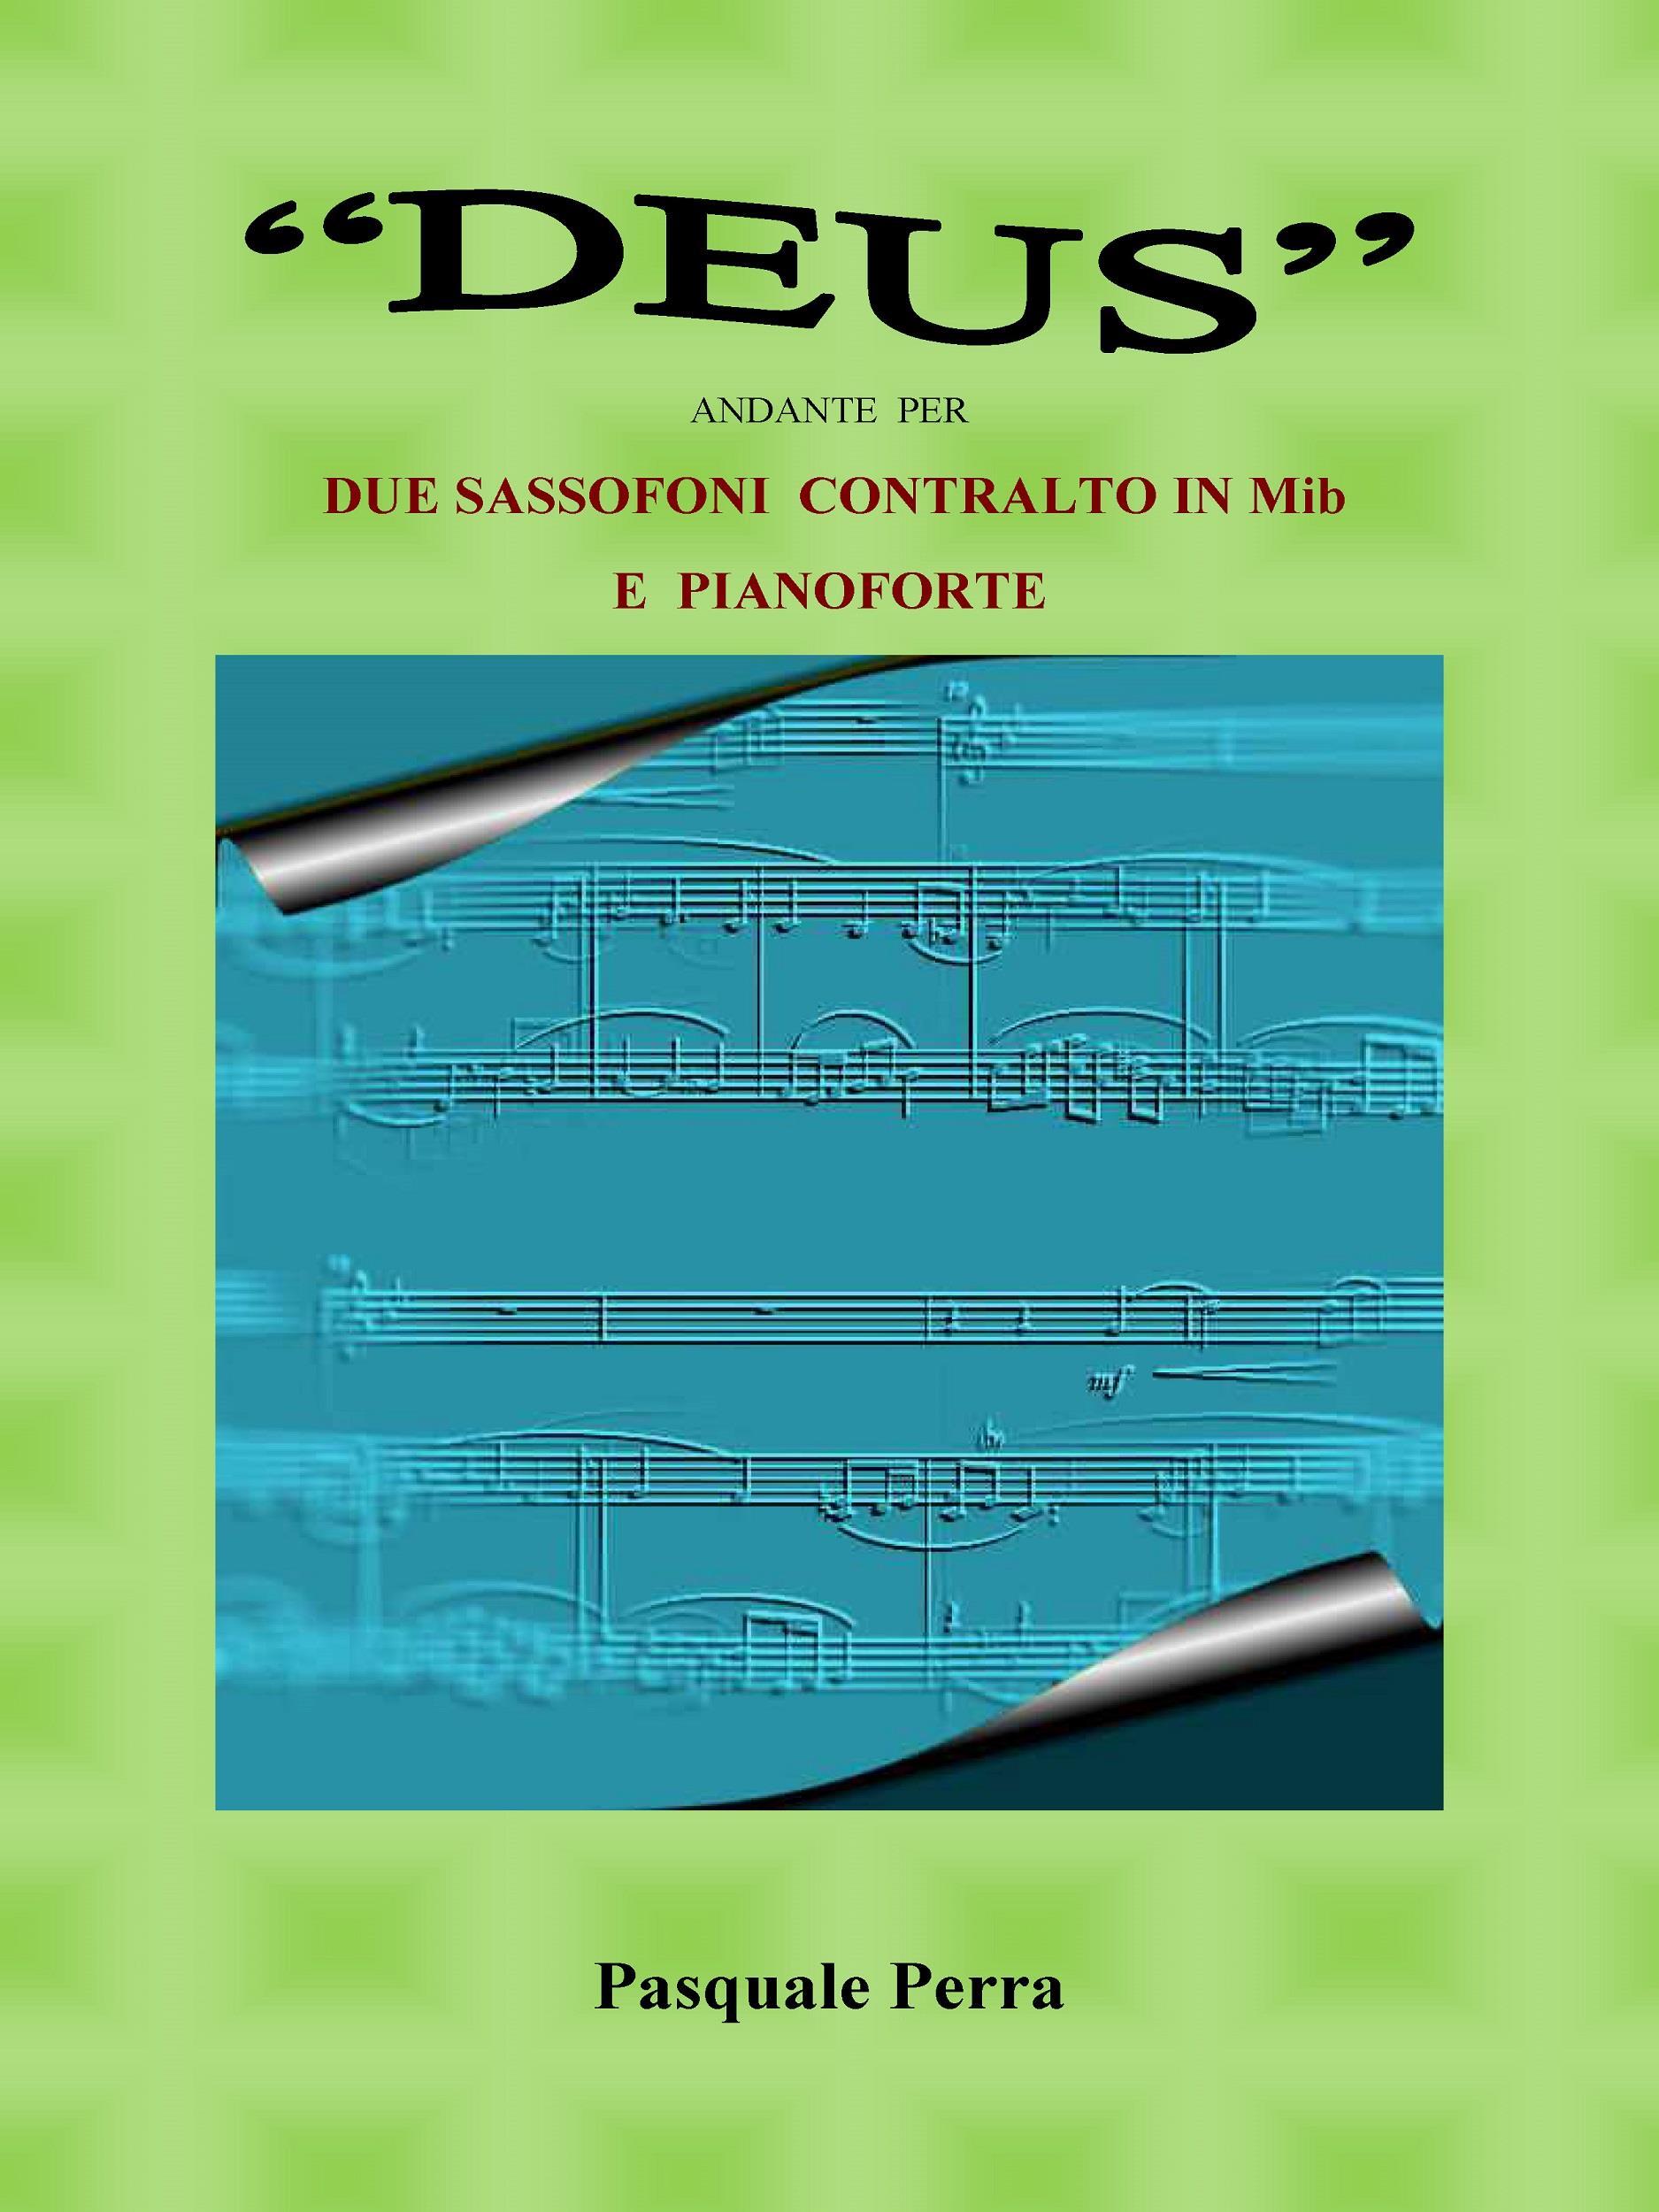 """""""Deus"""" andante per due sassofoni contralto in Mib e pianoforte (Spartito per sax contralto in MIb 1° e 2° e per pianoforte)."""